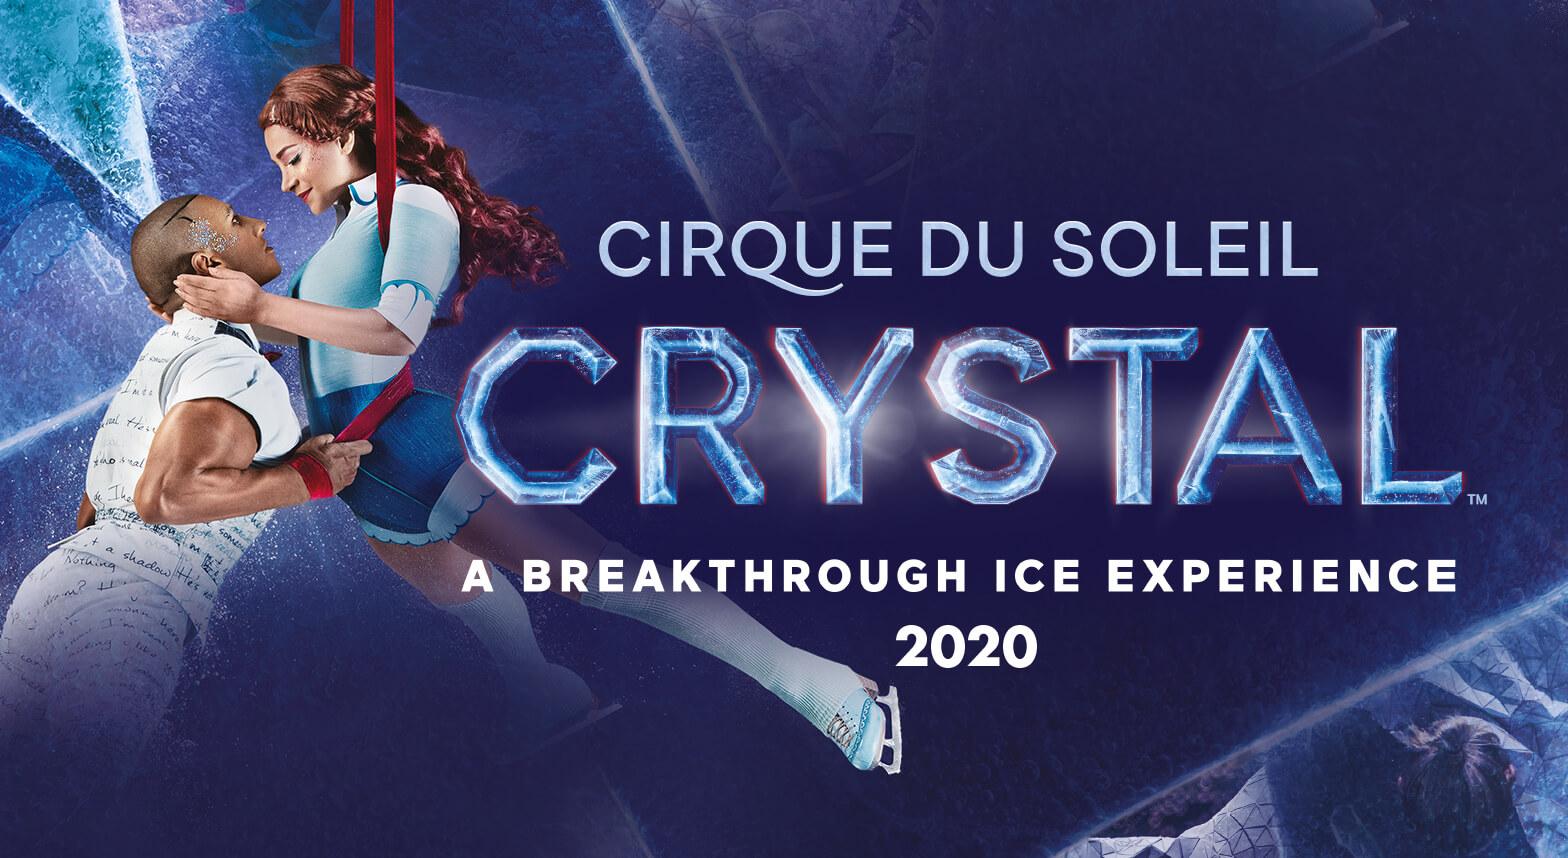 cirque-crystal-arenas.jpg